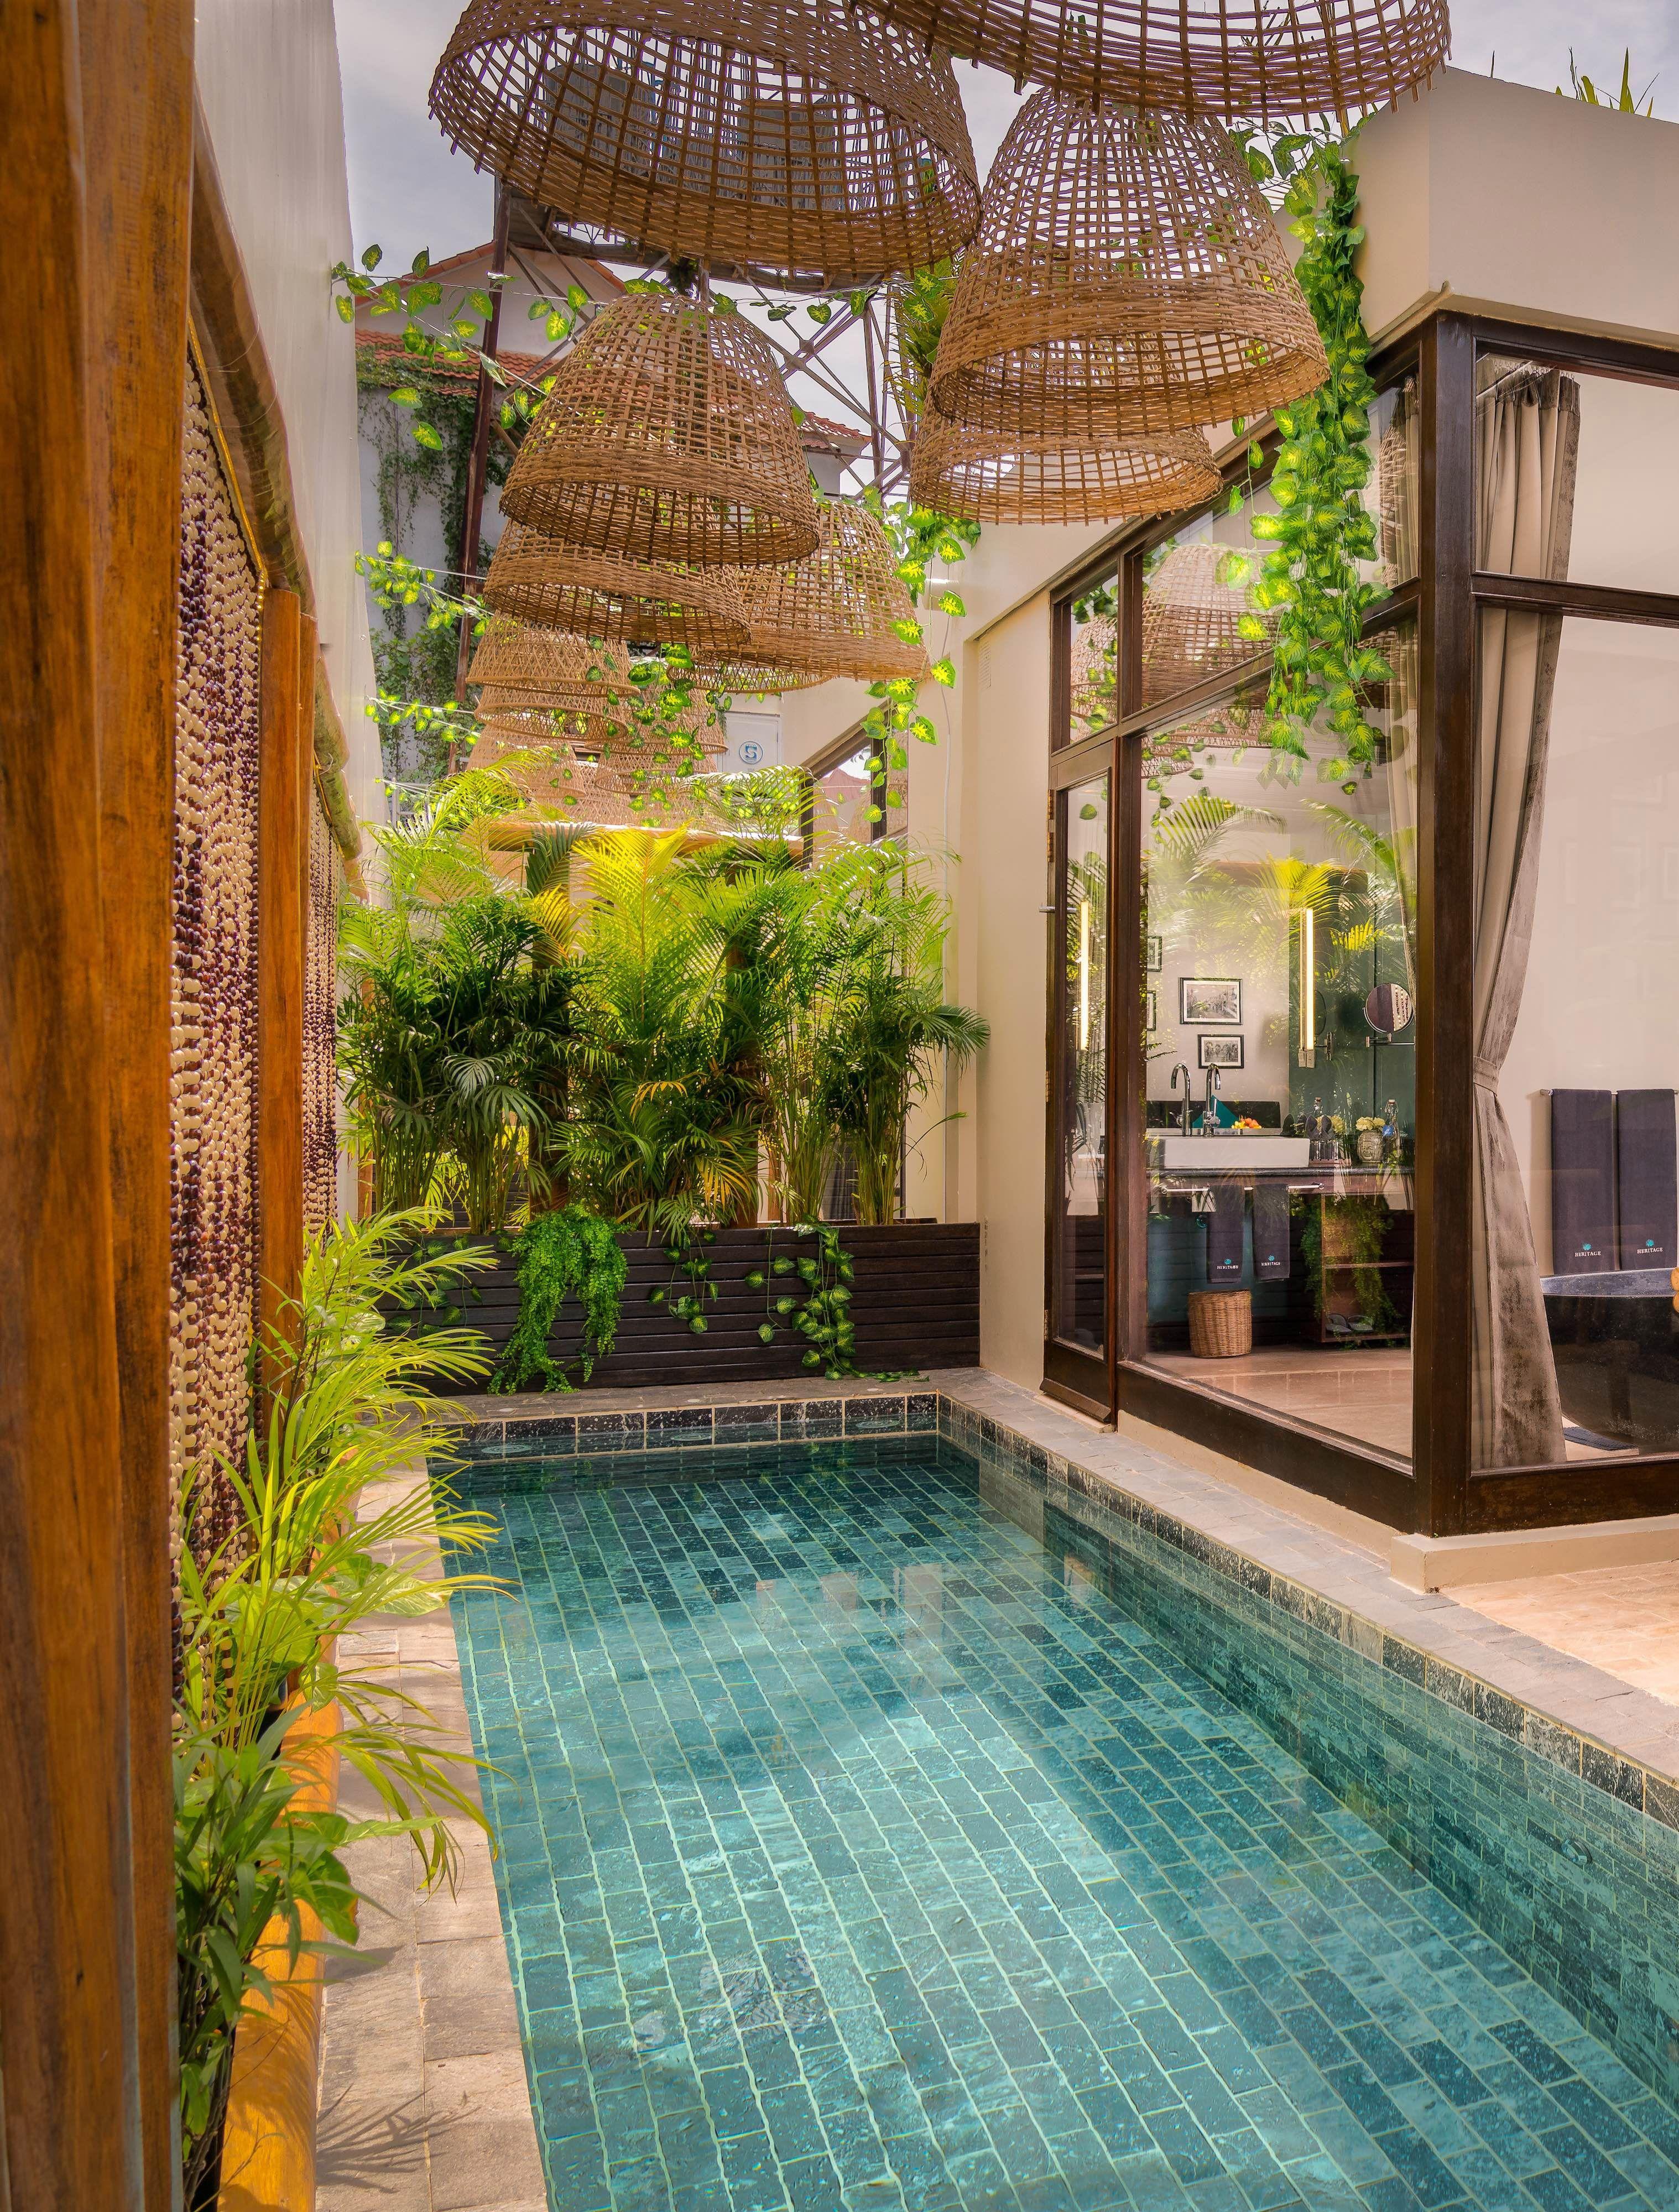 Heritage Suites Hotel, Siem Reap, Cambodia - Explo